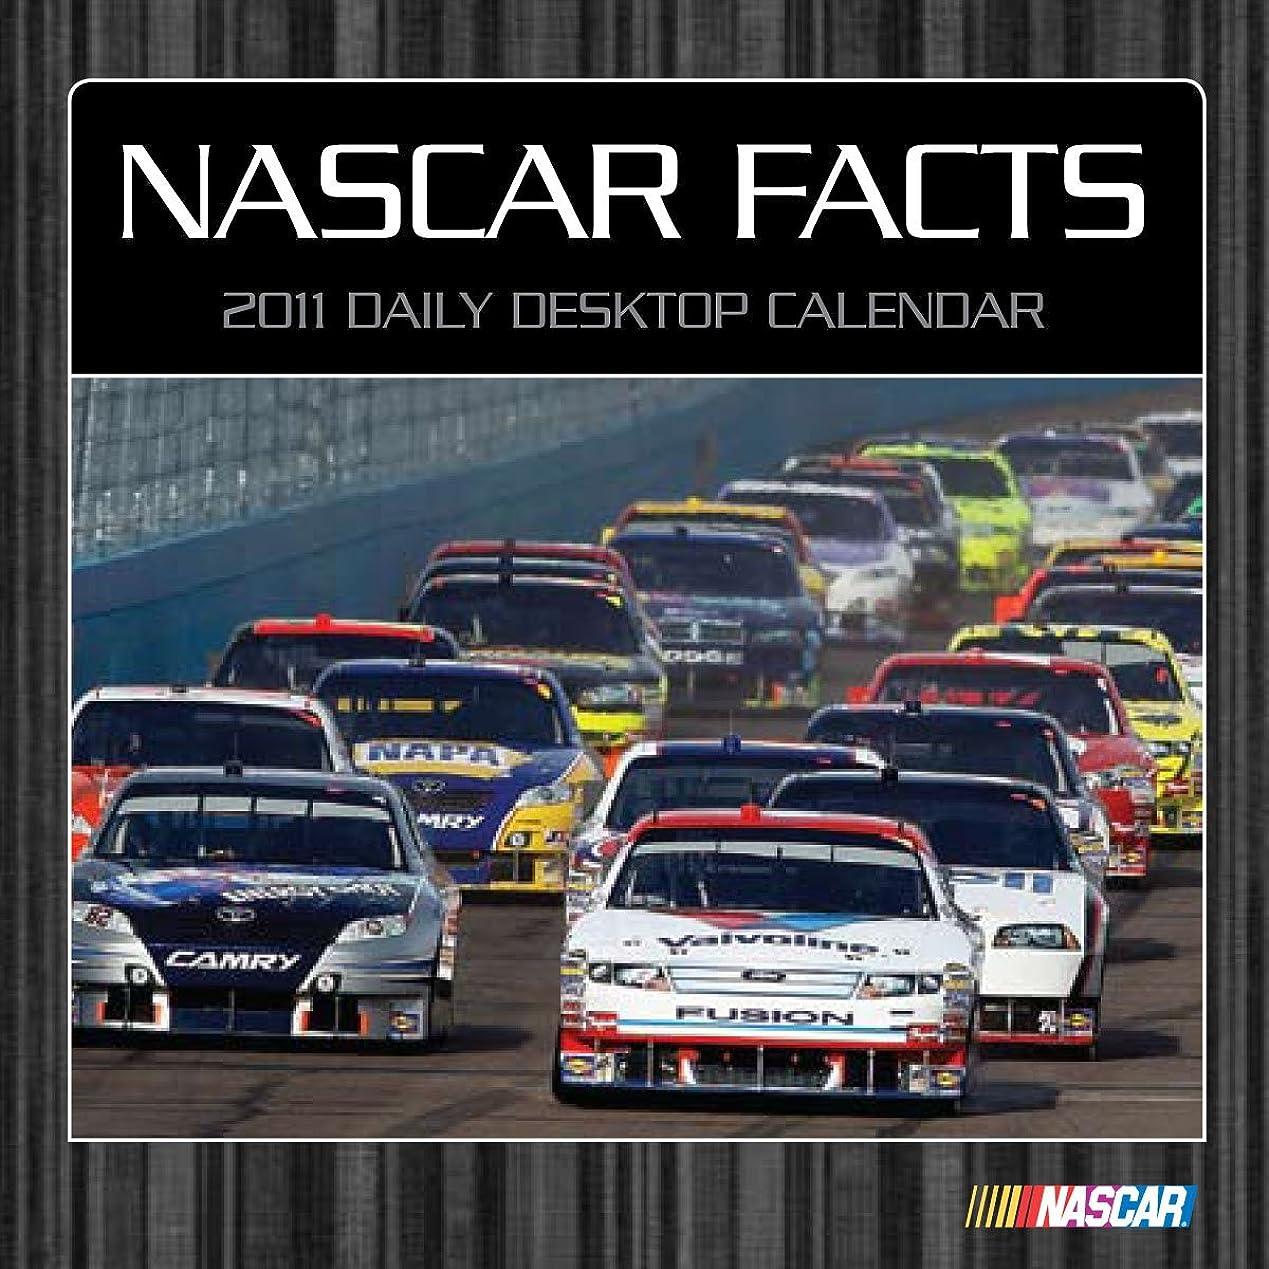 伝染性怒り拮抗するNascar Facts 2011 Daily Calendar